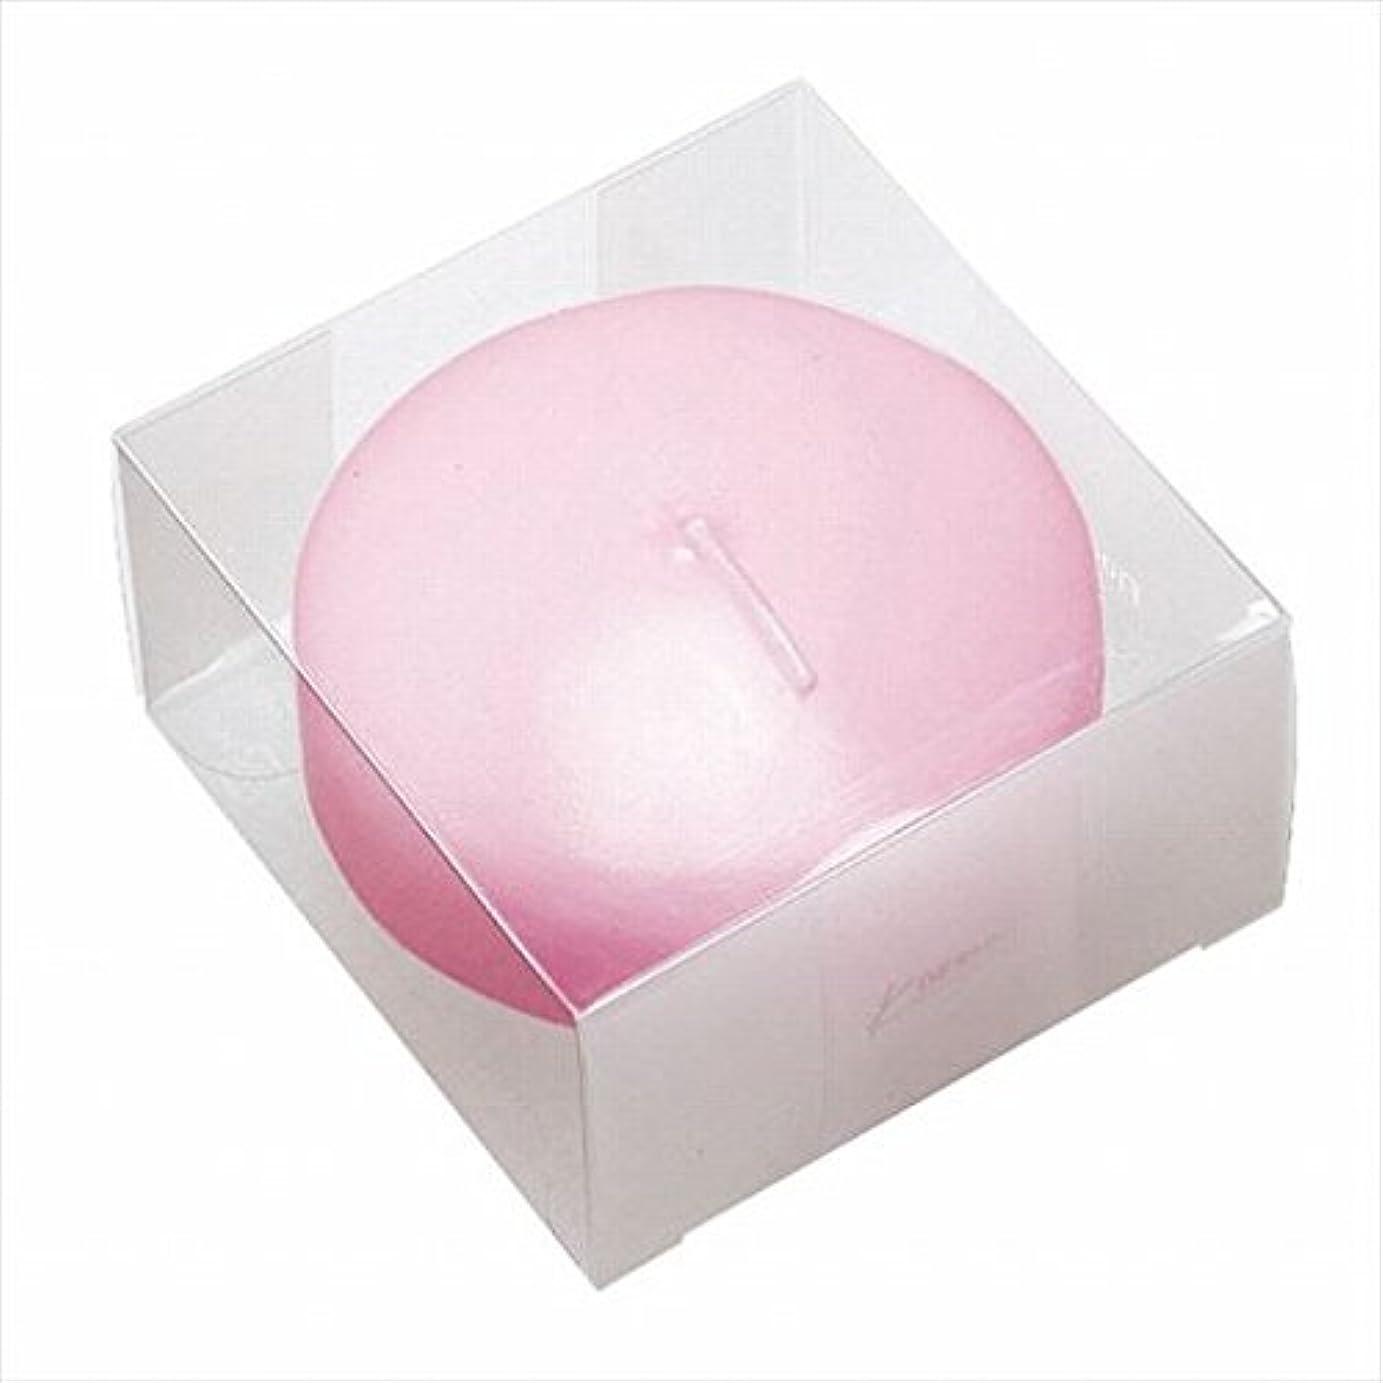 ボックスアセインフラカメヤマキャンドル(kameyama candle) プール80(箱入り) 「 ピンク 」